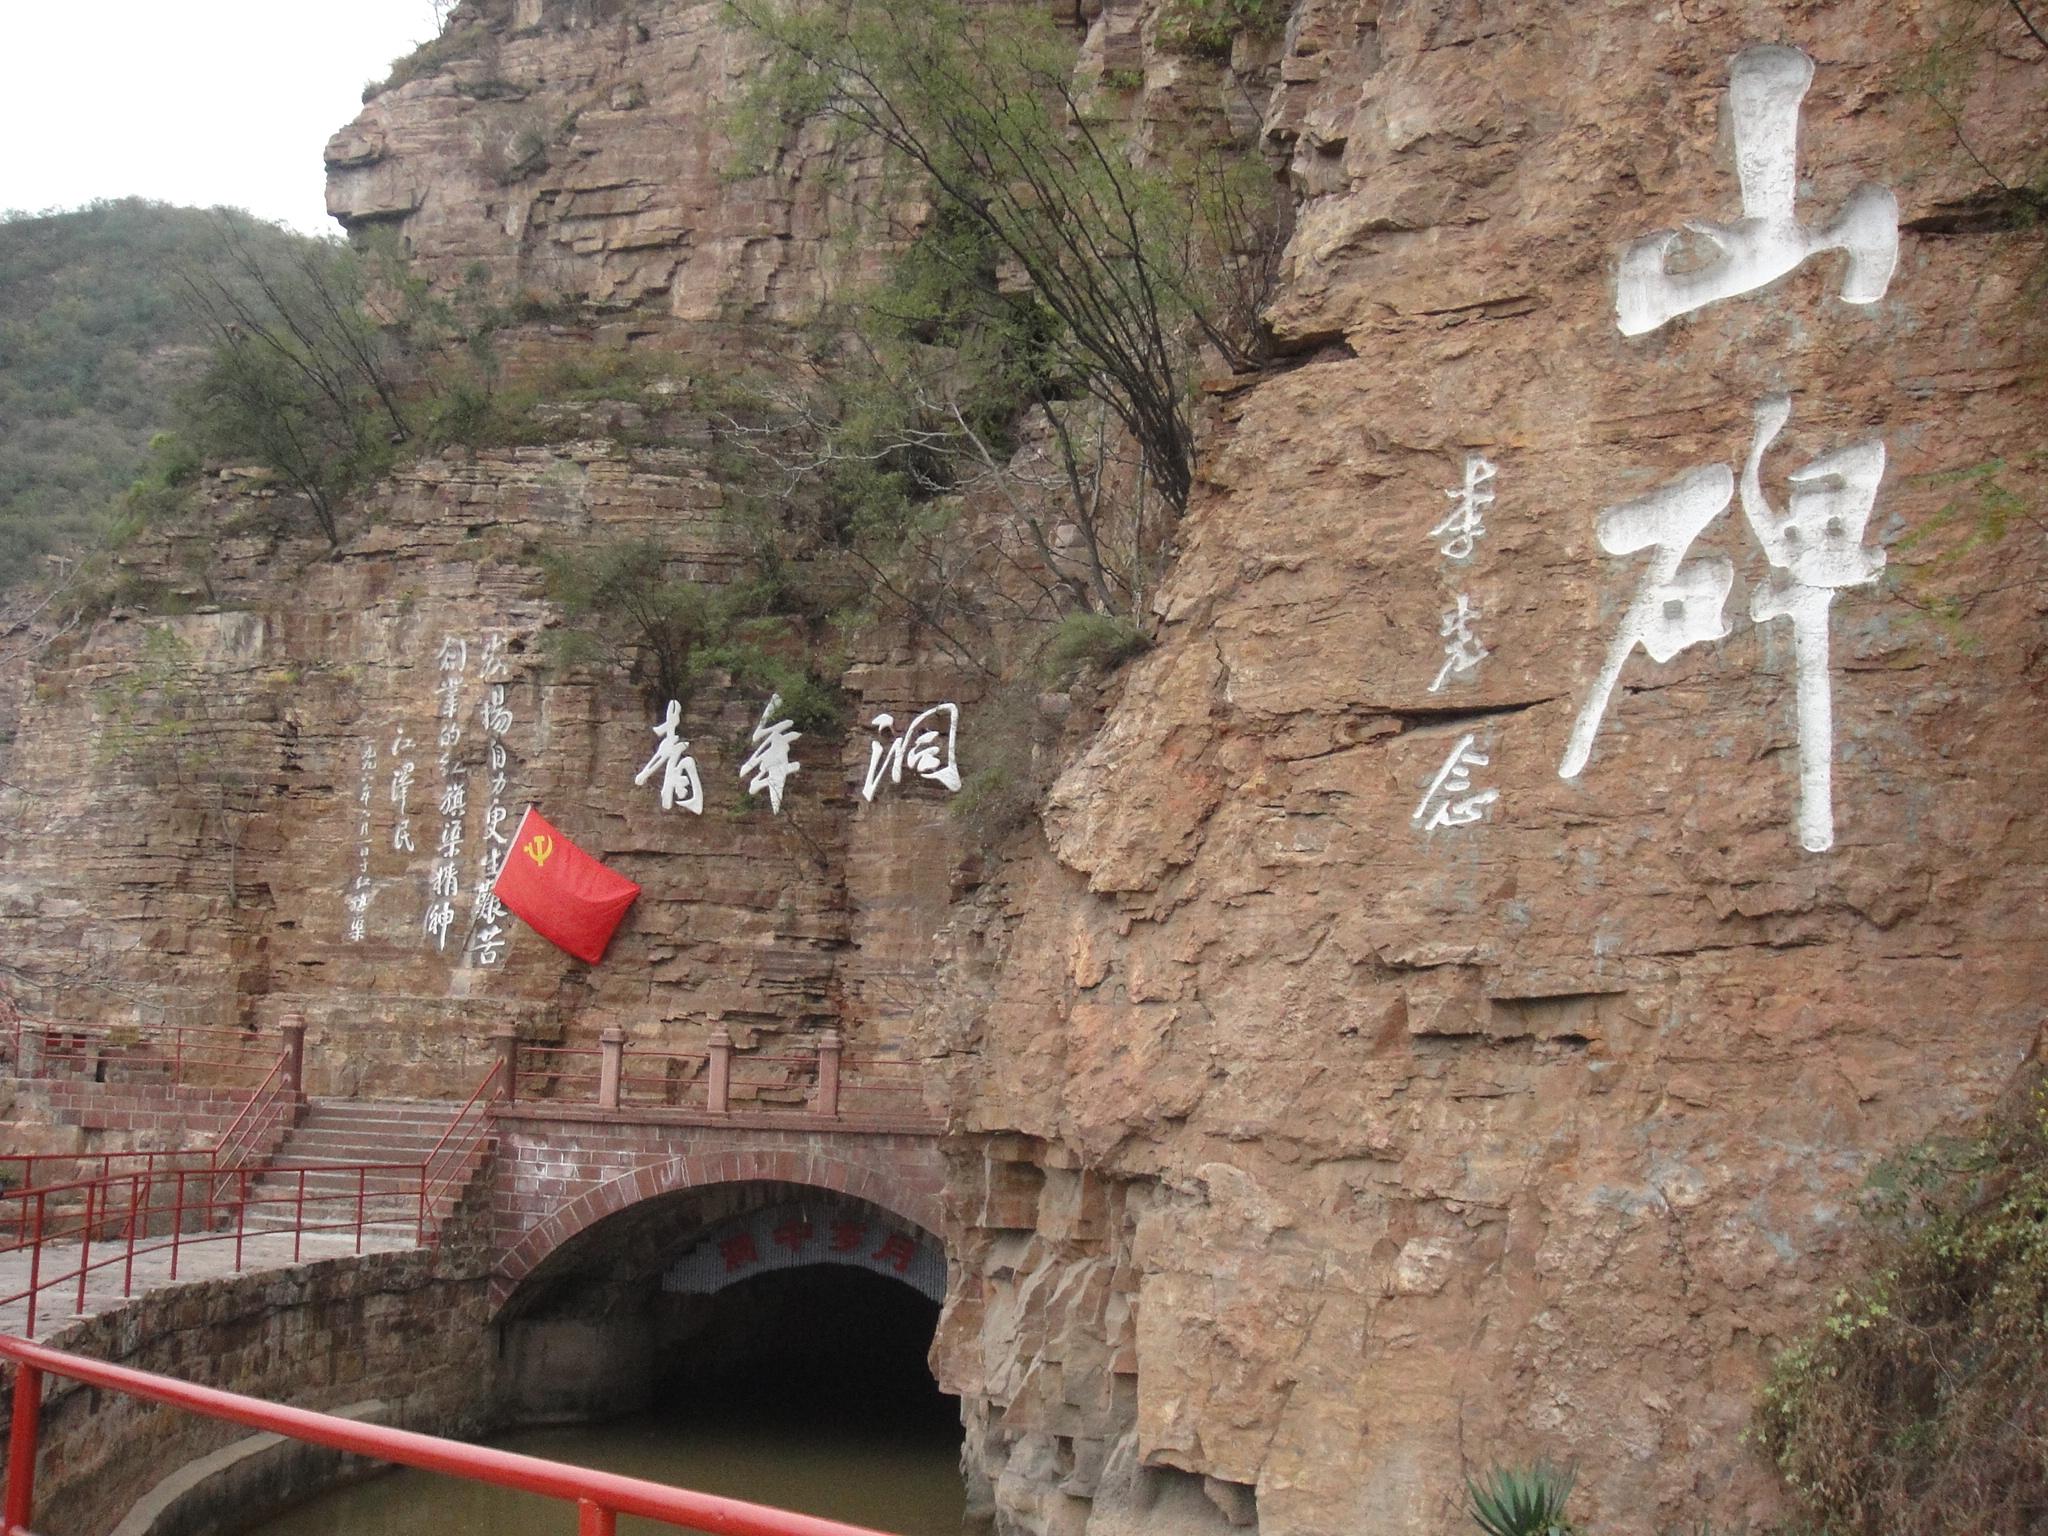 太行大峡谷+红旗渠两日游